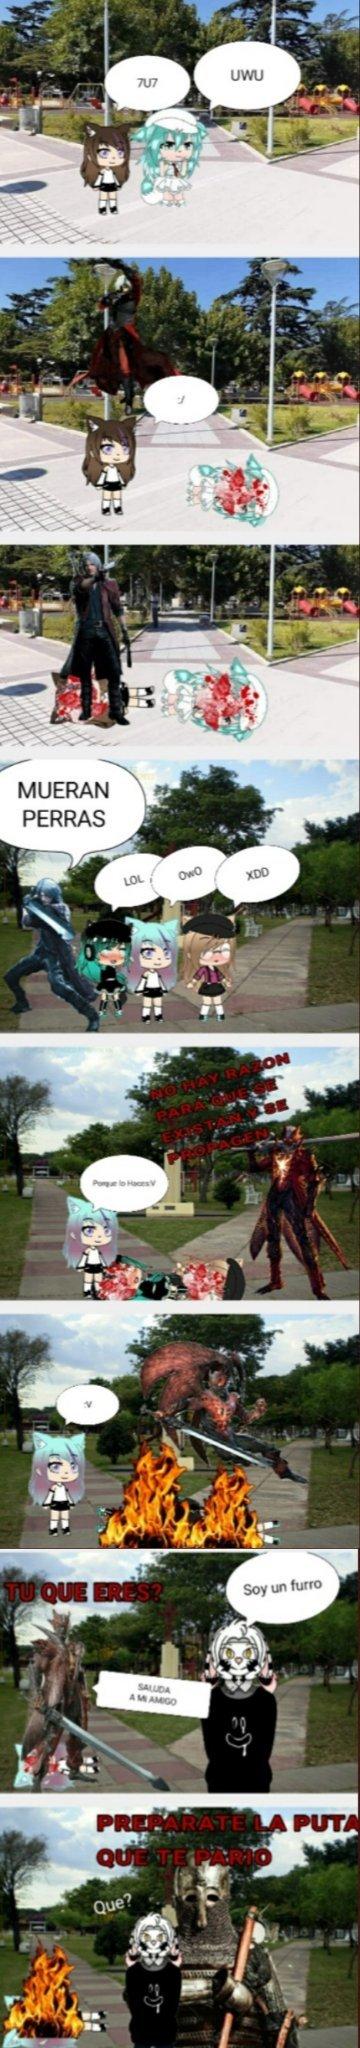 Dante Anti GarchaTubers 4 - meme